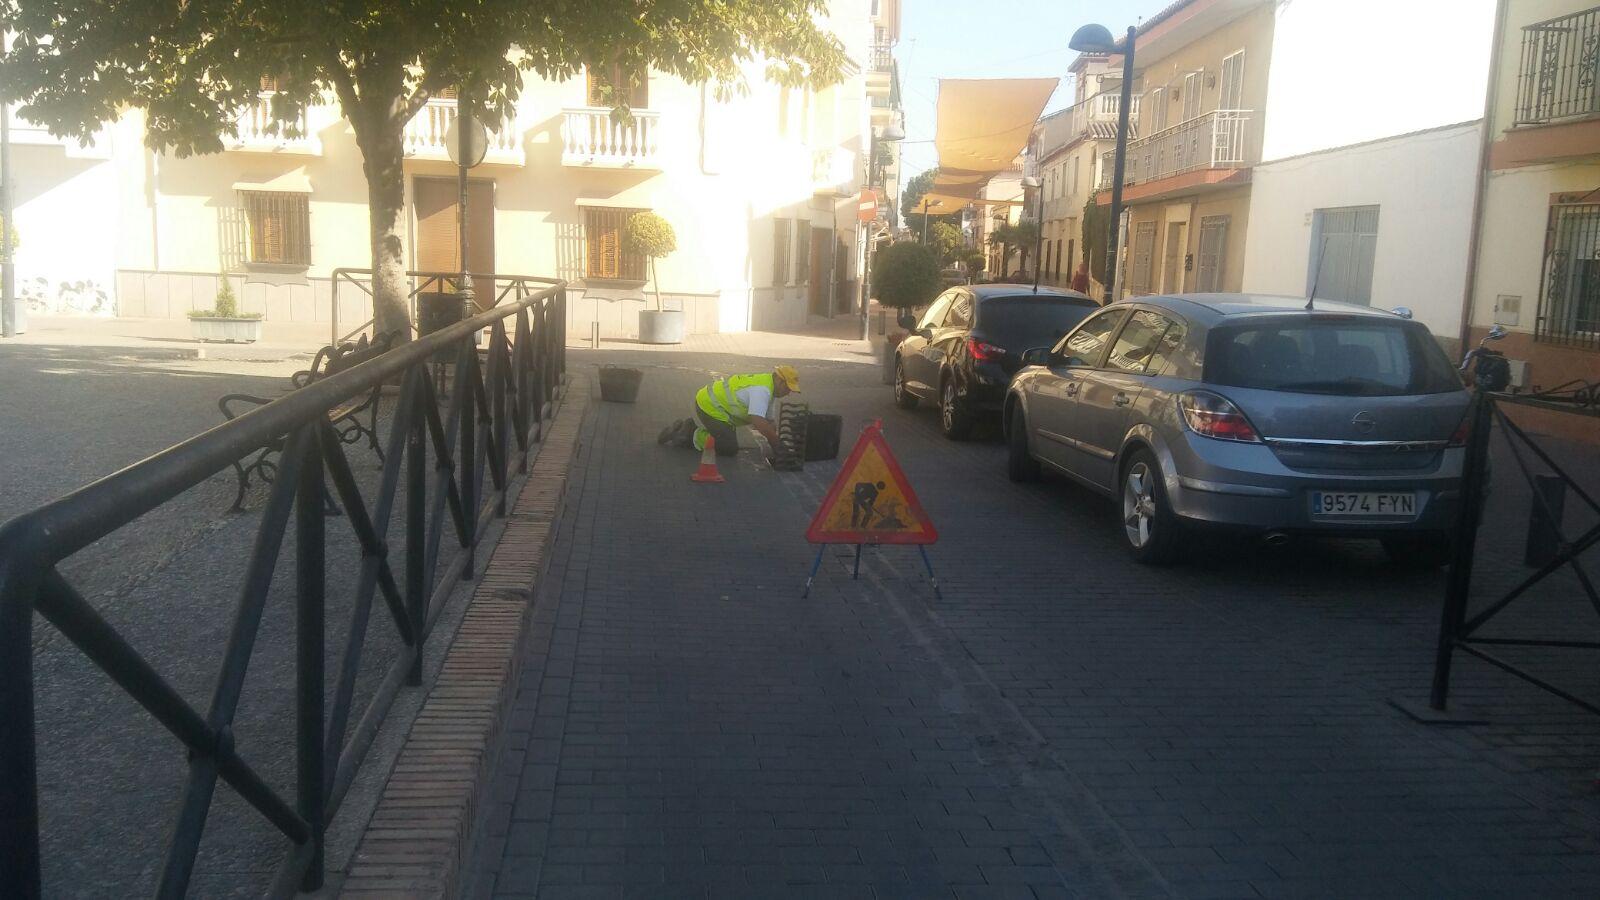 Campaña de Limpieza de Imbornales en el Municipio